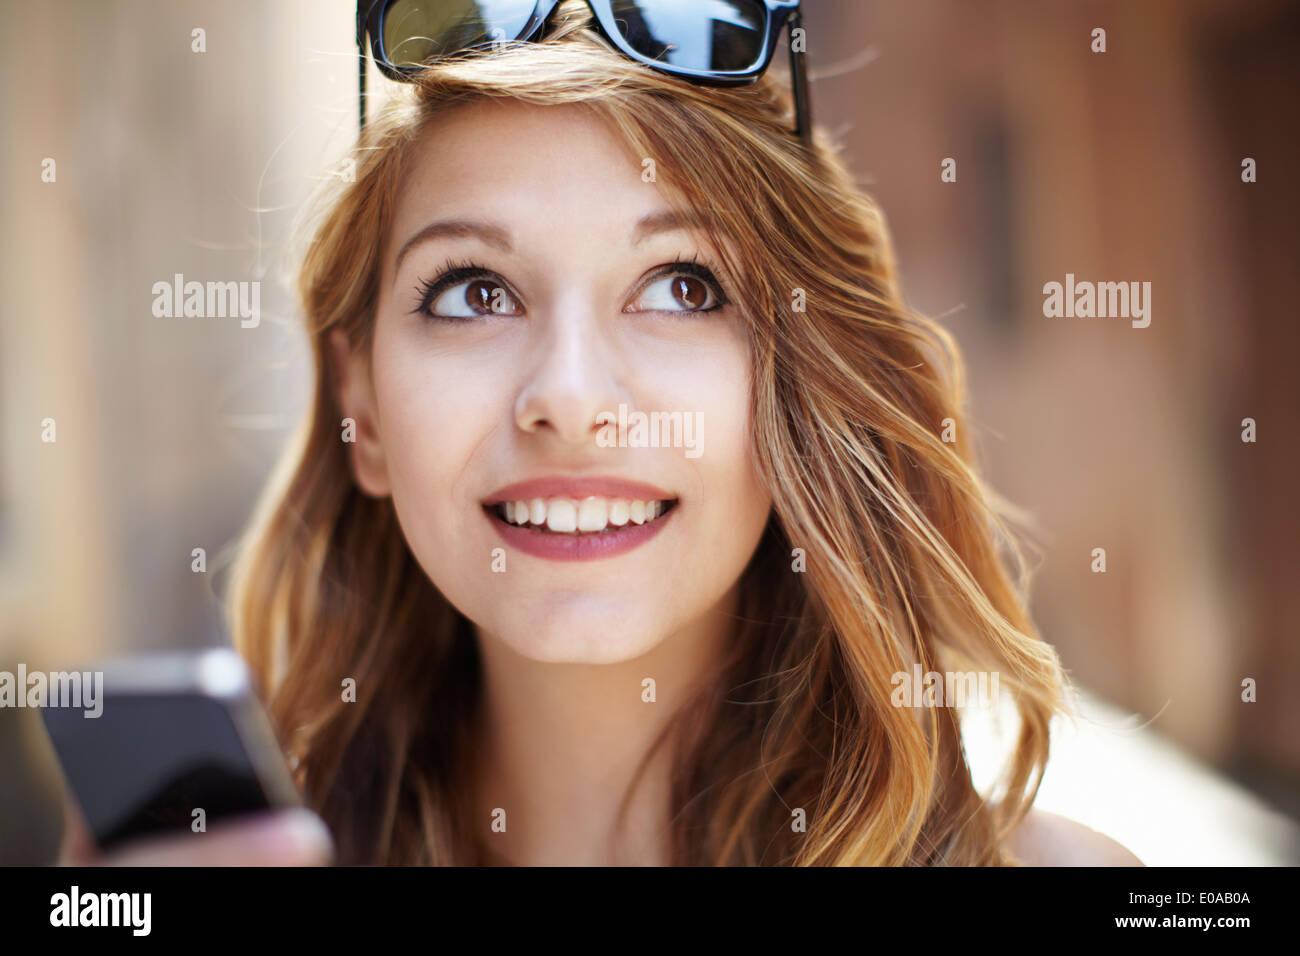 Anspruchsvolle junge Frau blickte auf Straße Stockbild